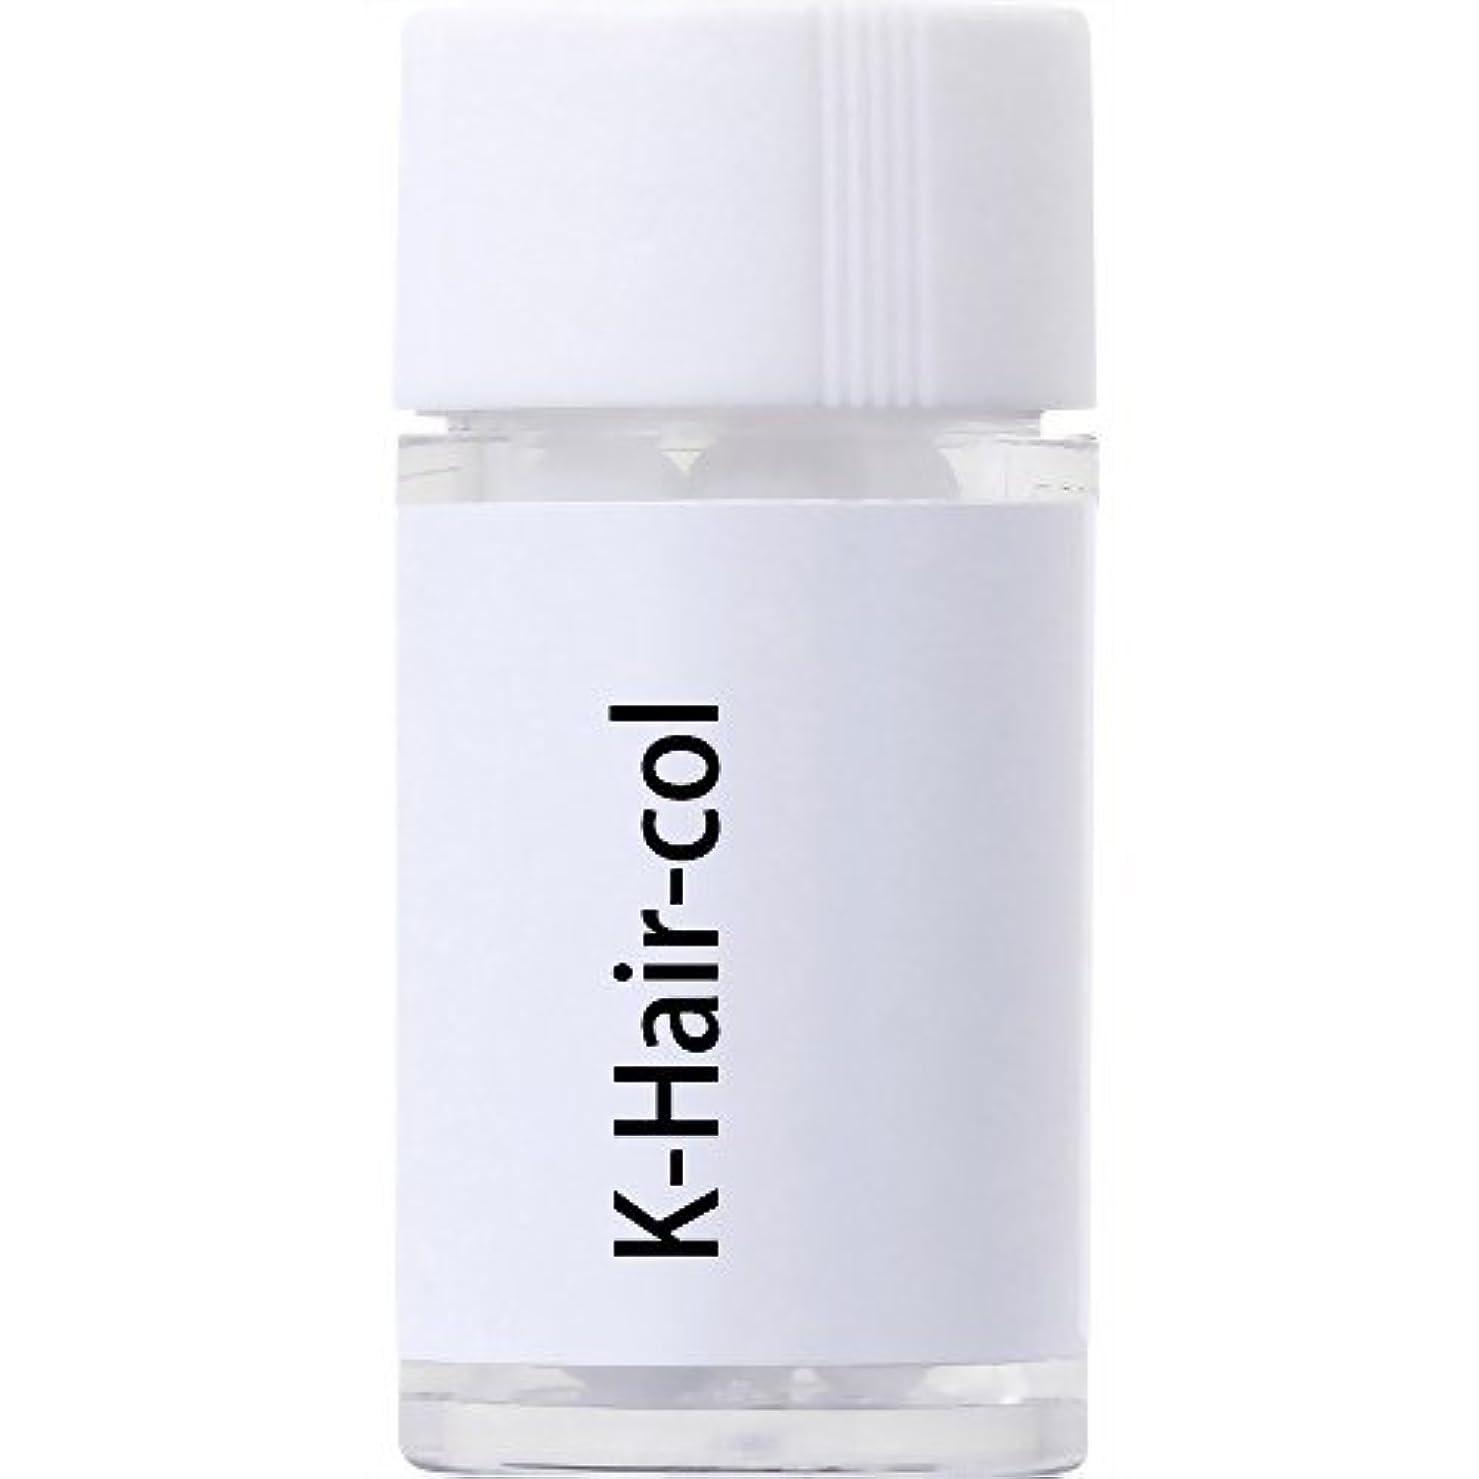 改革気がついて公式ホメオパシージャパンレメディー K-Hair-col(小ビン)